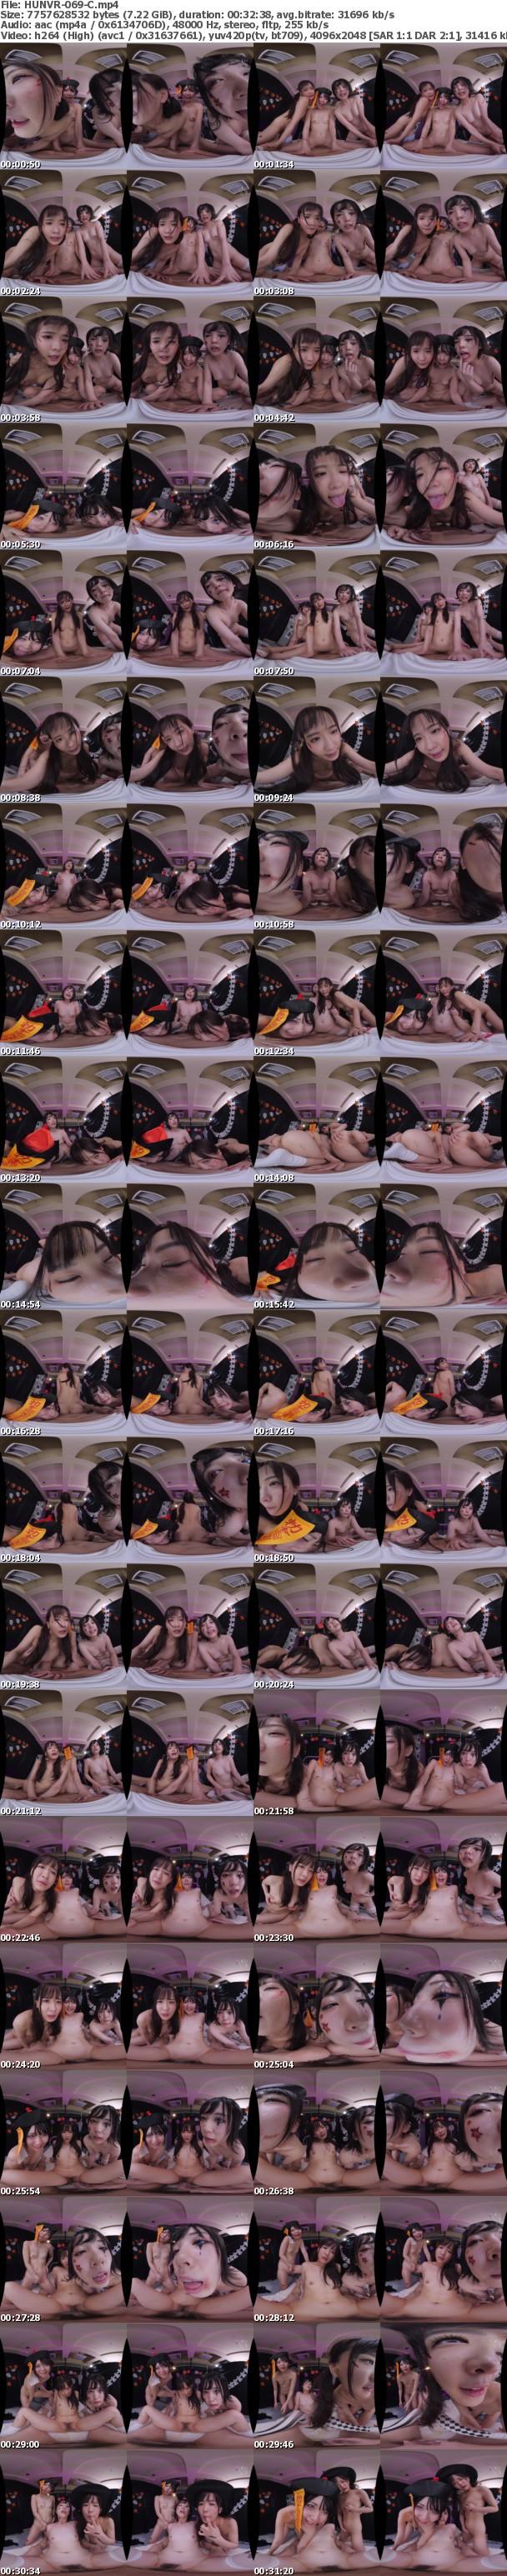 (VR) HUNVR-069 文化祭のお化け屋敷でドスケベお化けに抜かれまくりVR